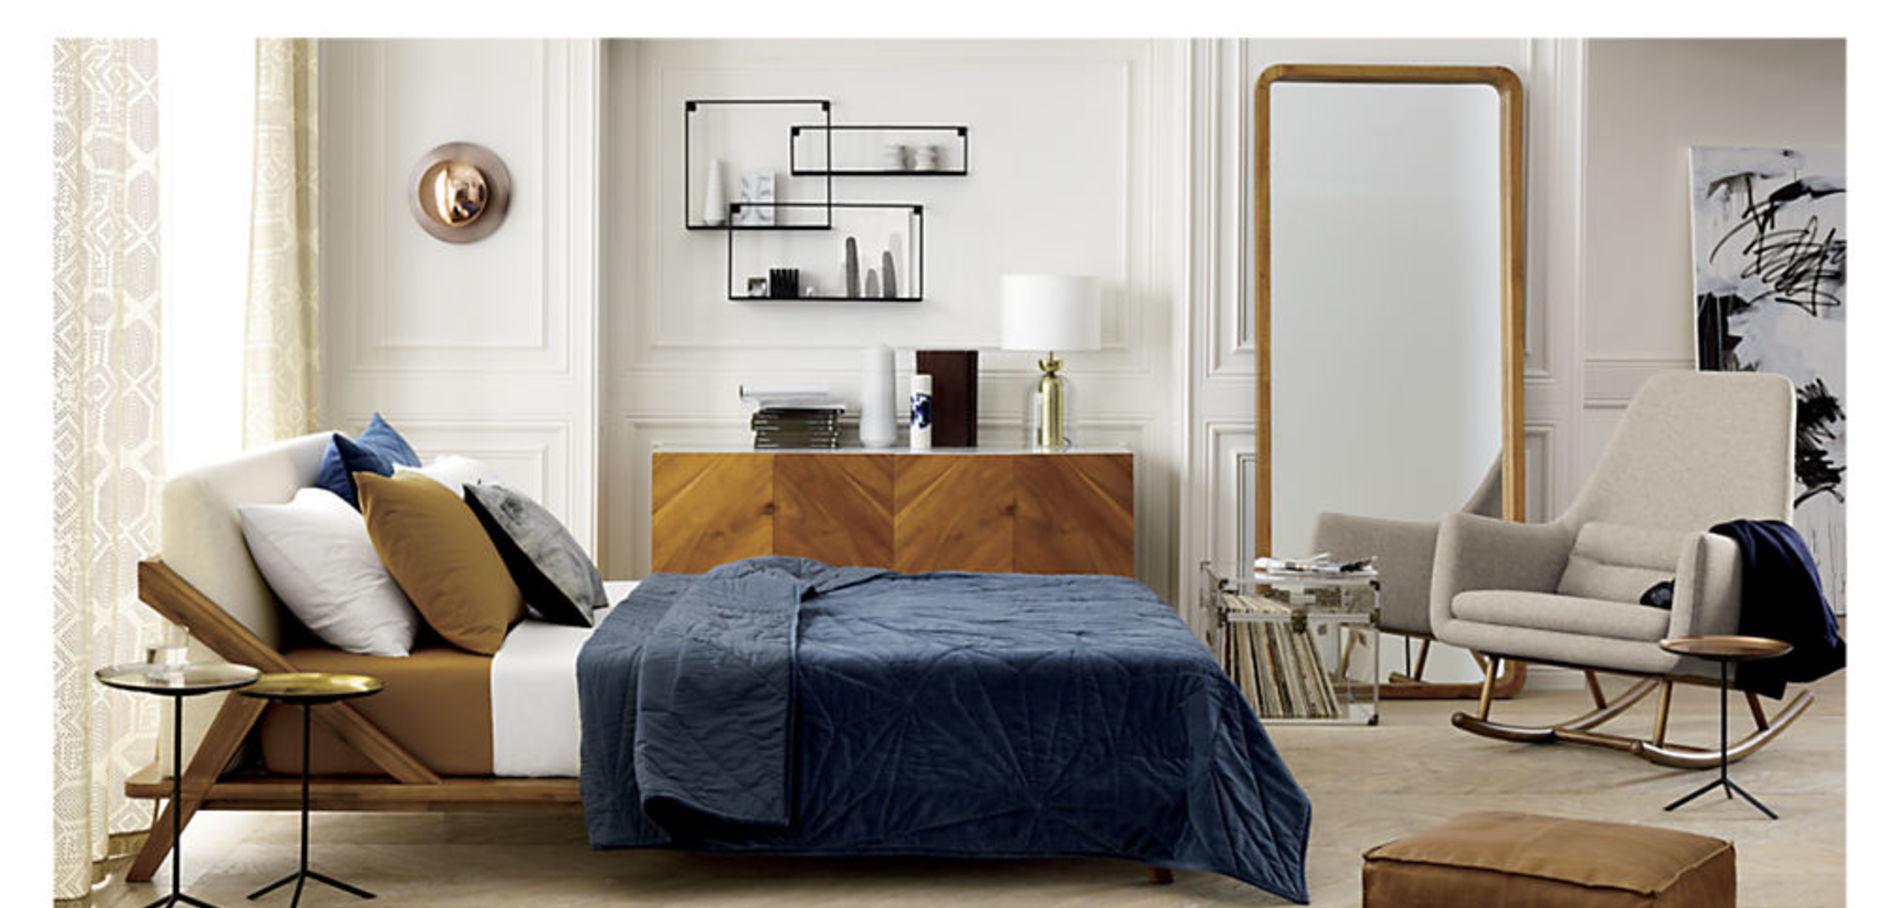 Décoration de chambre : les tendances de la rentrée – Luxe in the city